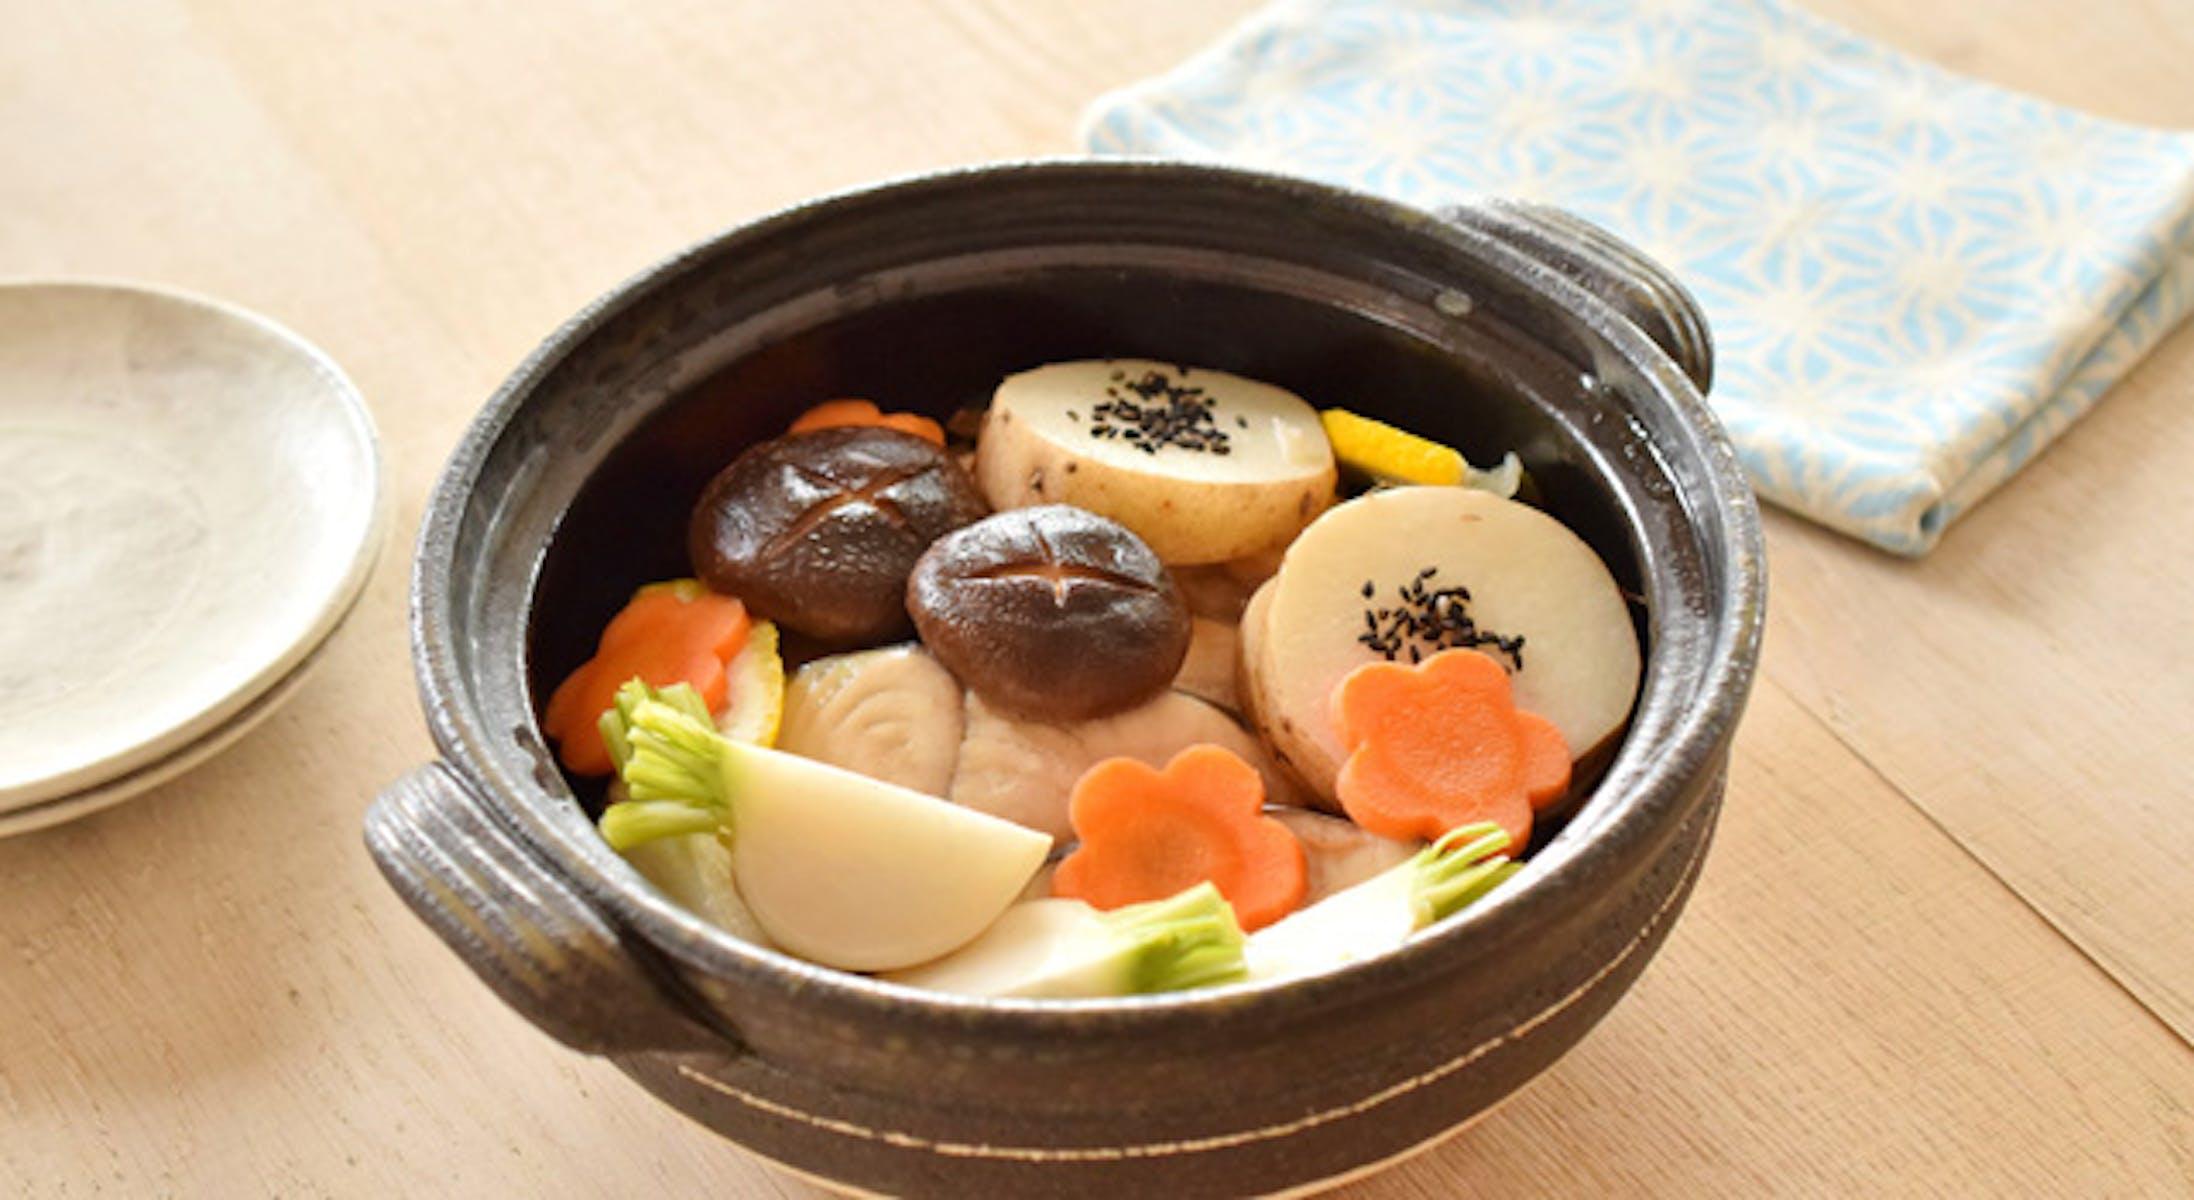 さわらと野菜の塩釜焼き風